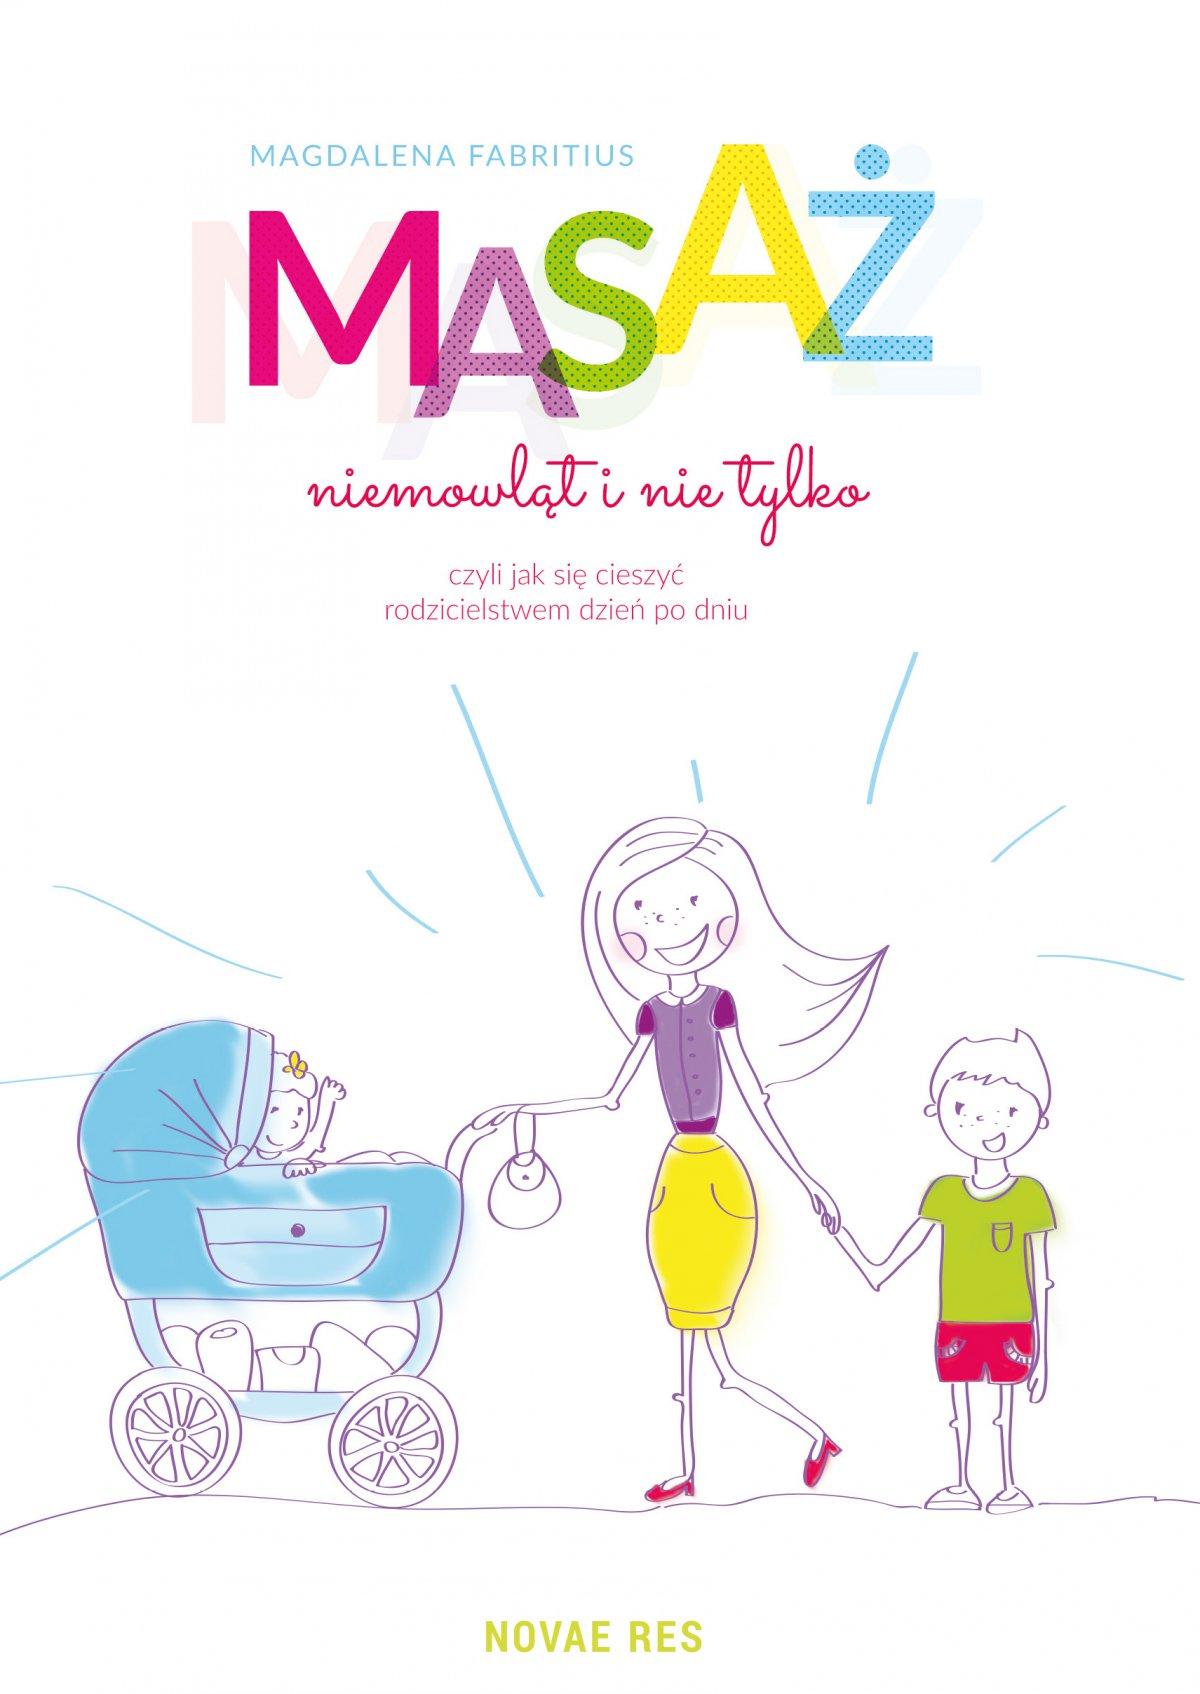 Masaż niemowląt i nie tylko, czyli jak się cieszyć rodzicielstwem dzień po dniu - Ebook (Książka na Kindle) do pobrania w formacie MOBI